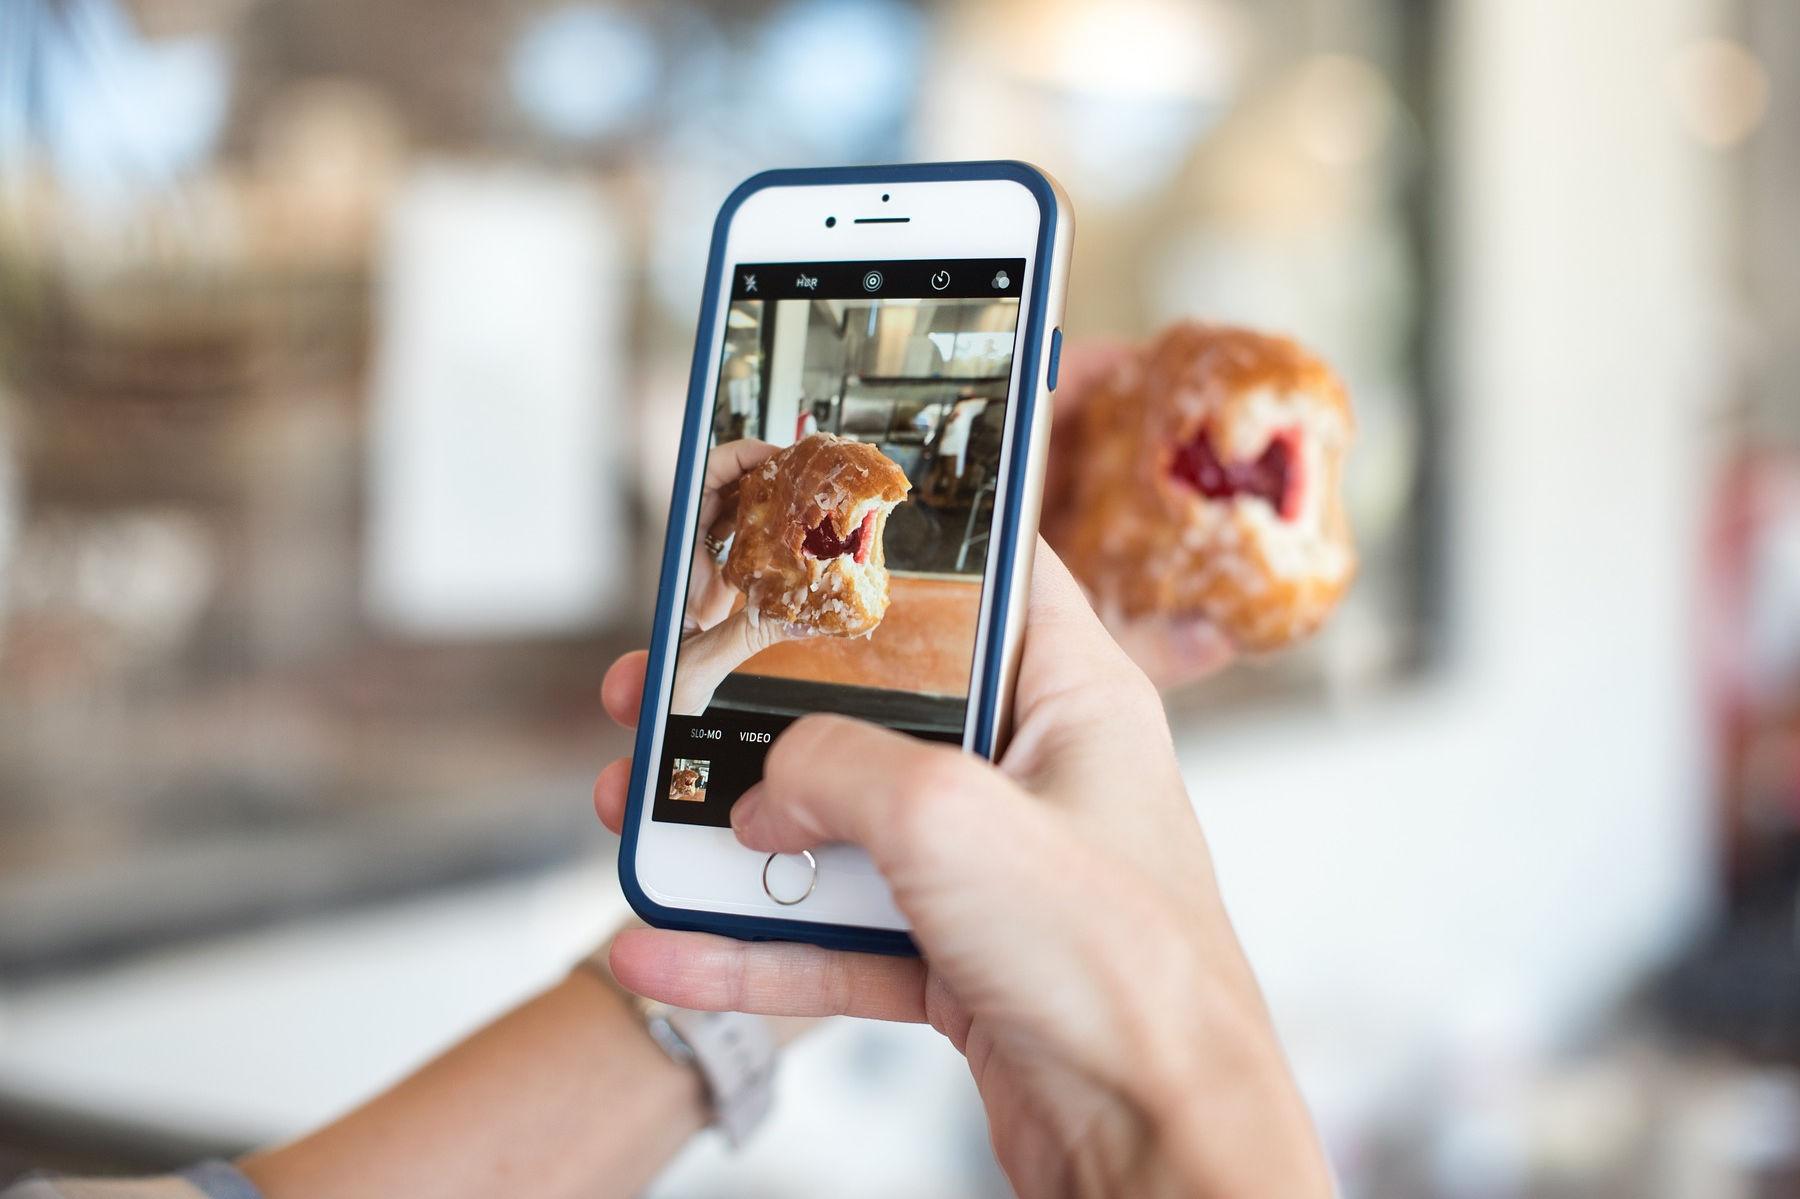 Corso di Food Photography con lo smartphone